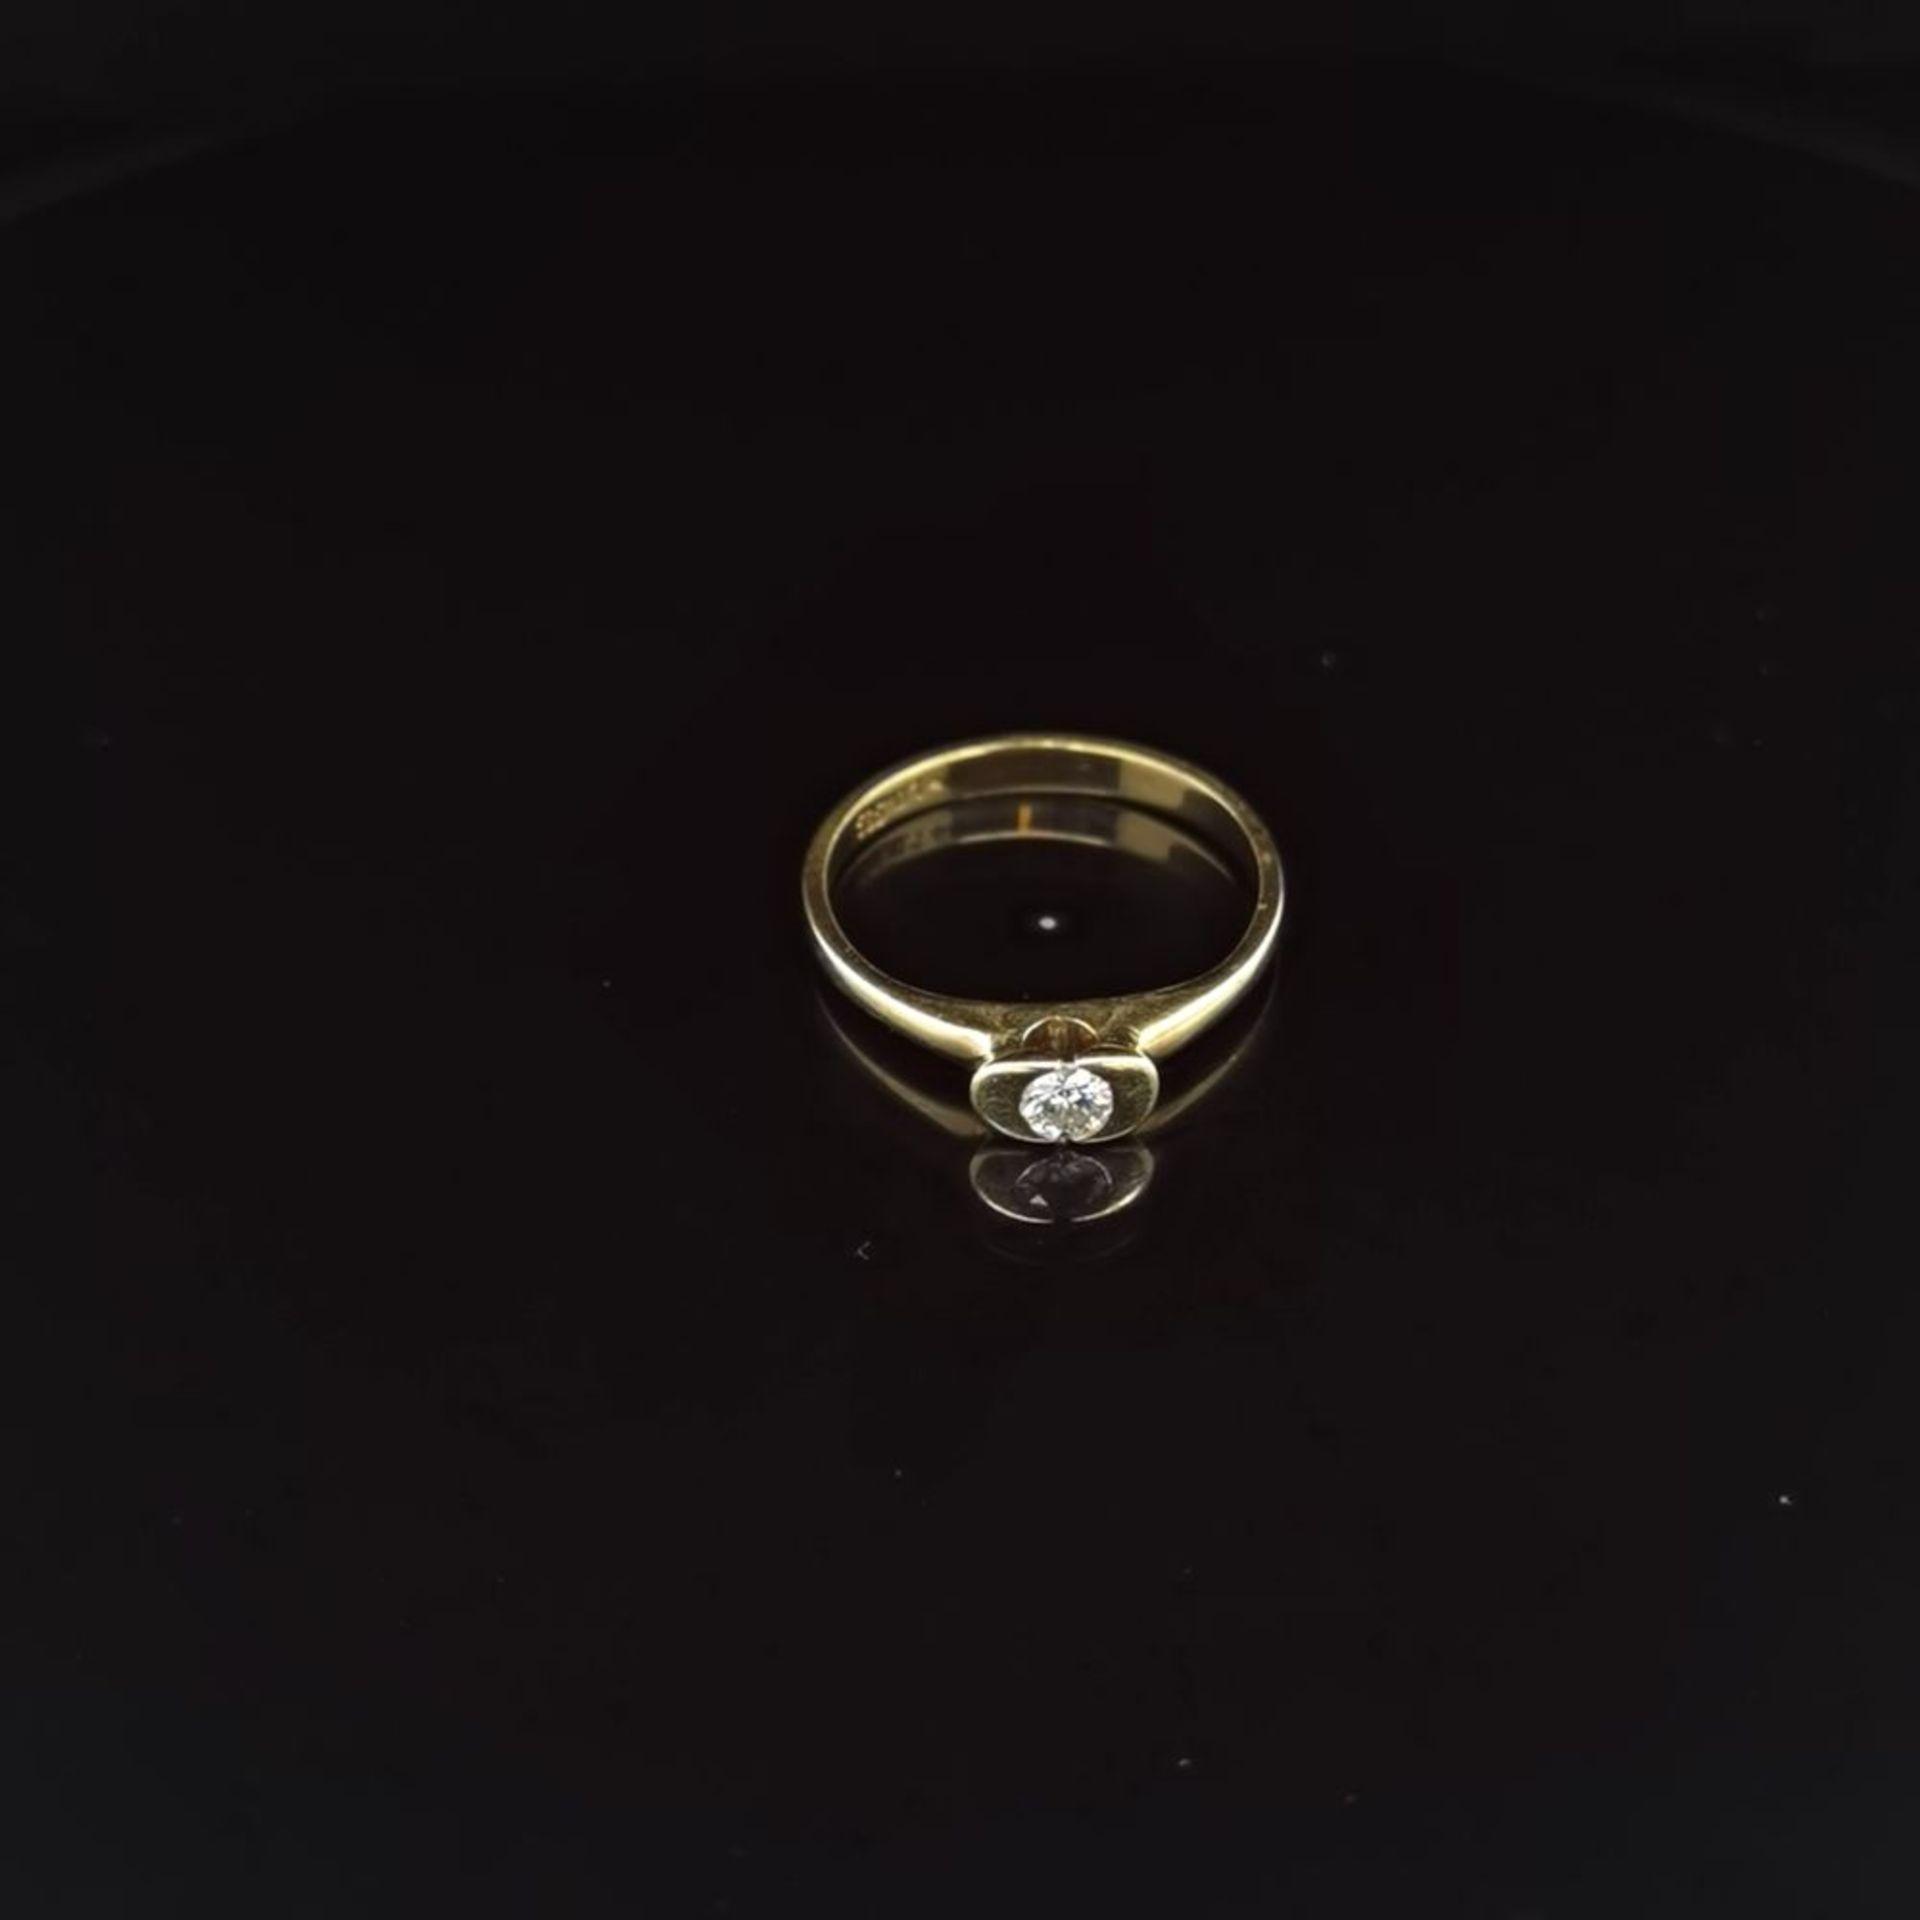 Brillant-Ring, 585 Gelbgold 2